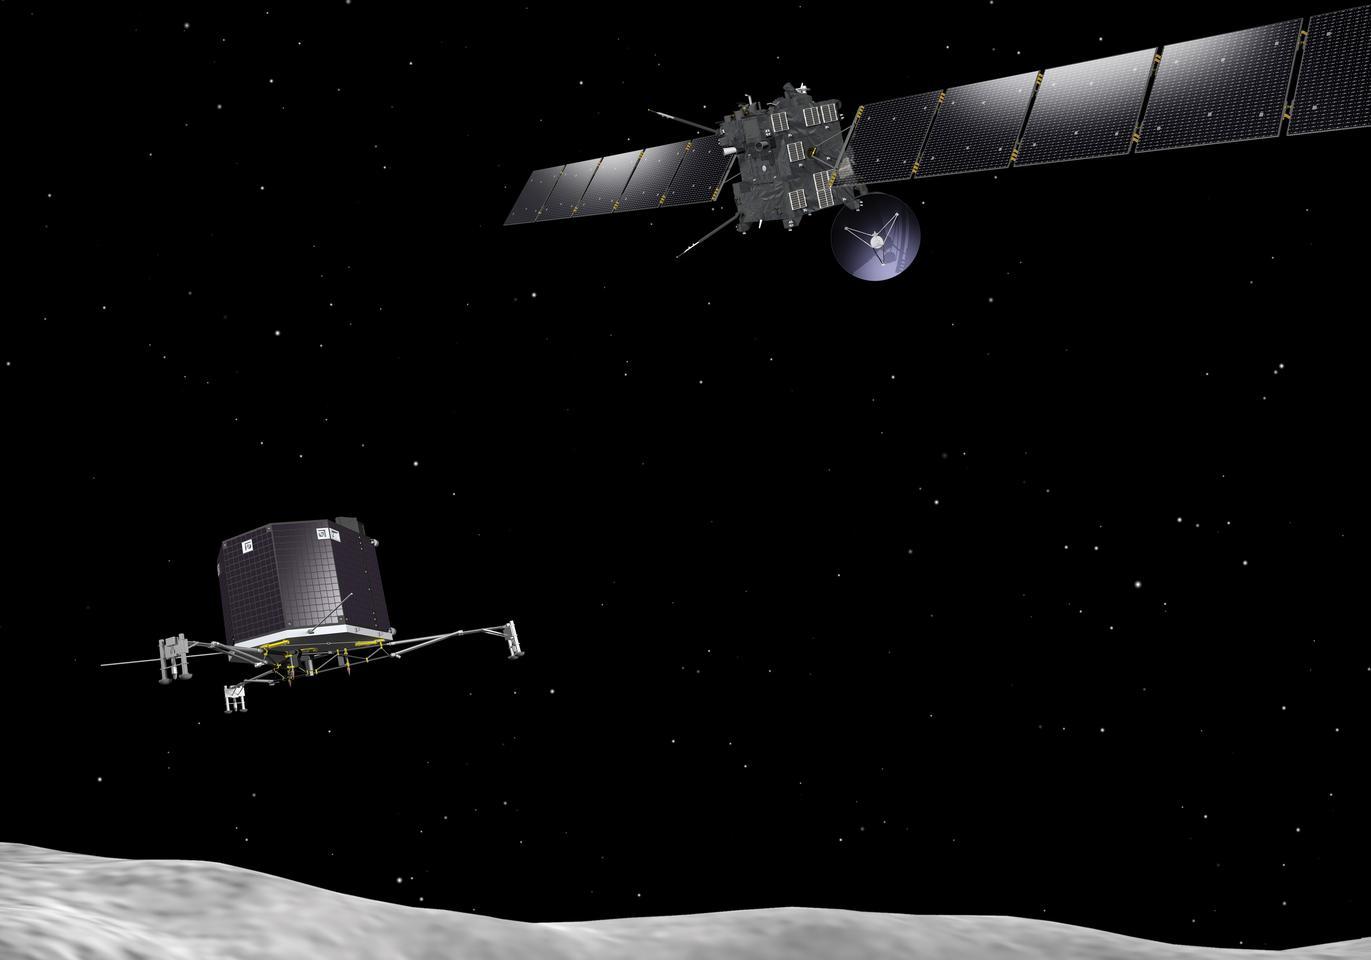 Artist's impression of Rosetta and Philae (Image: ESA)